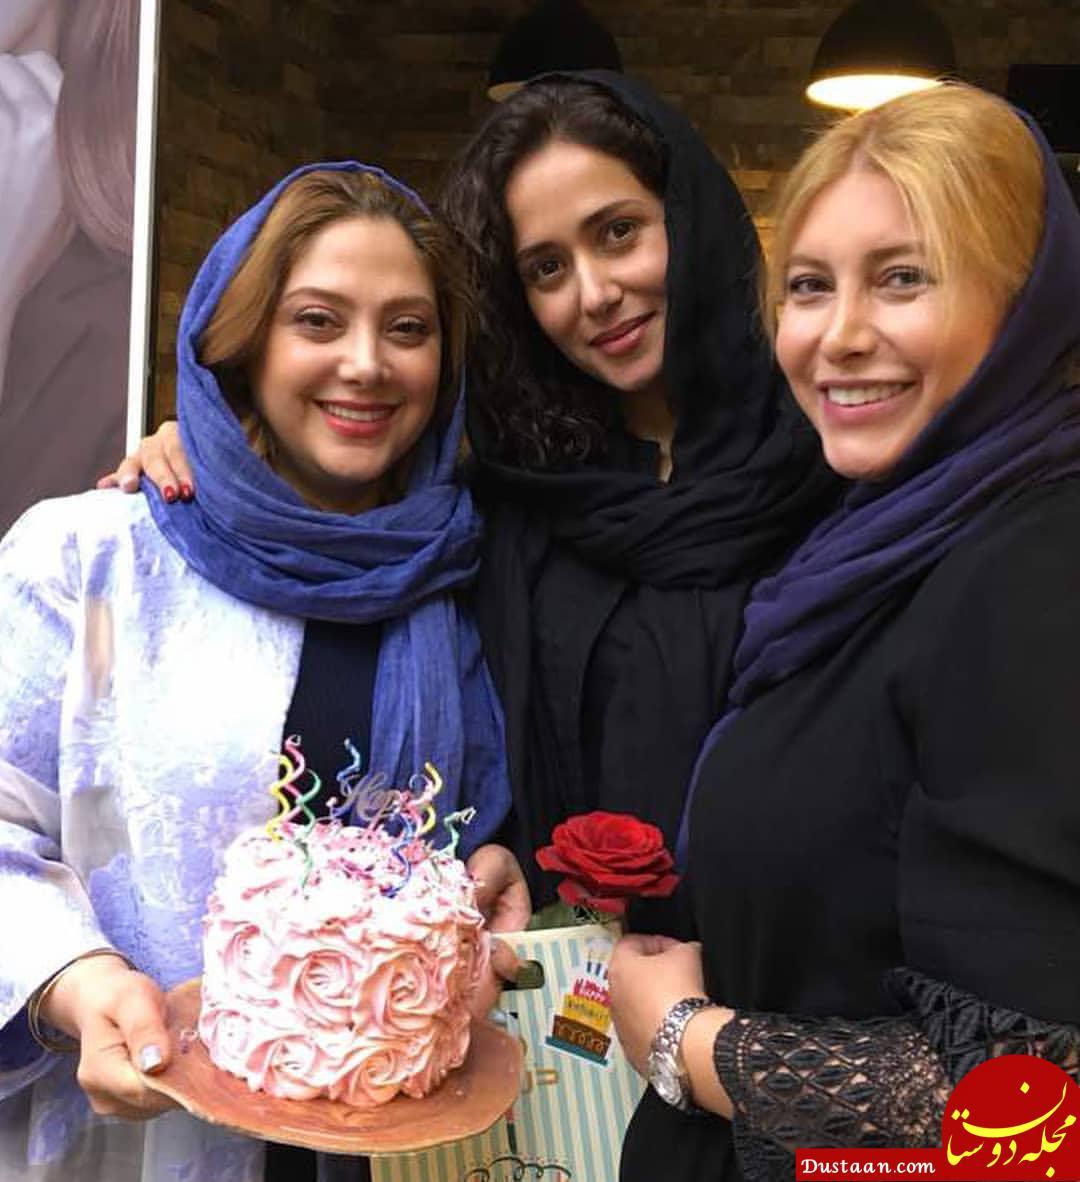 پریناز ایزدیار در جشن تولد 33 سالگی اش +عکس